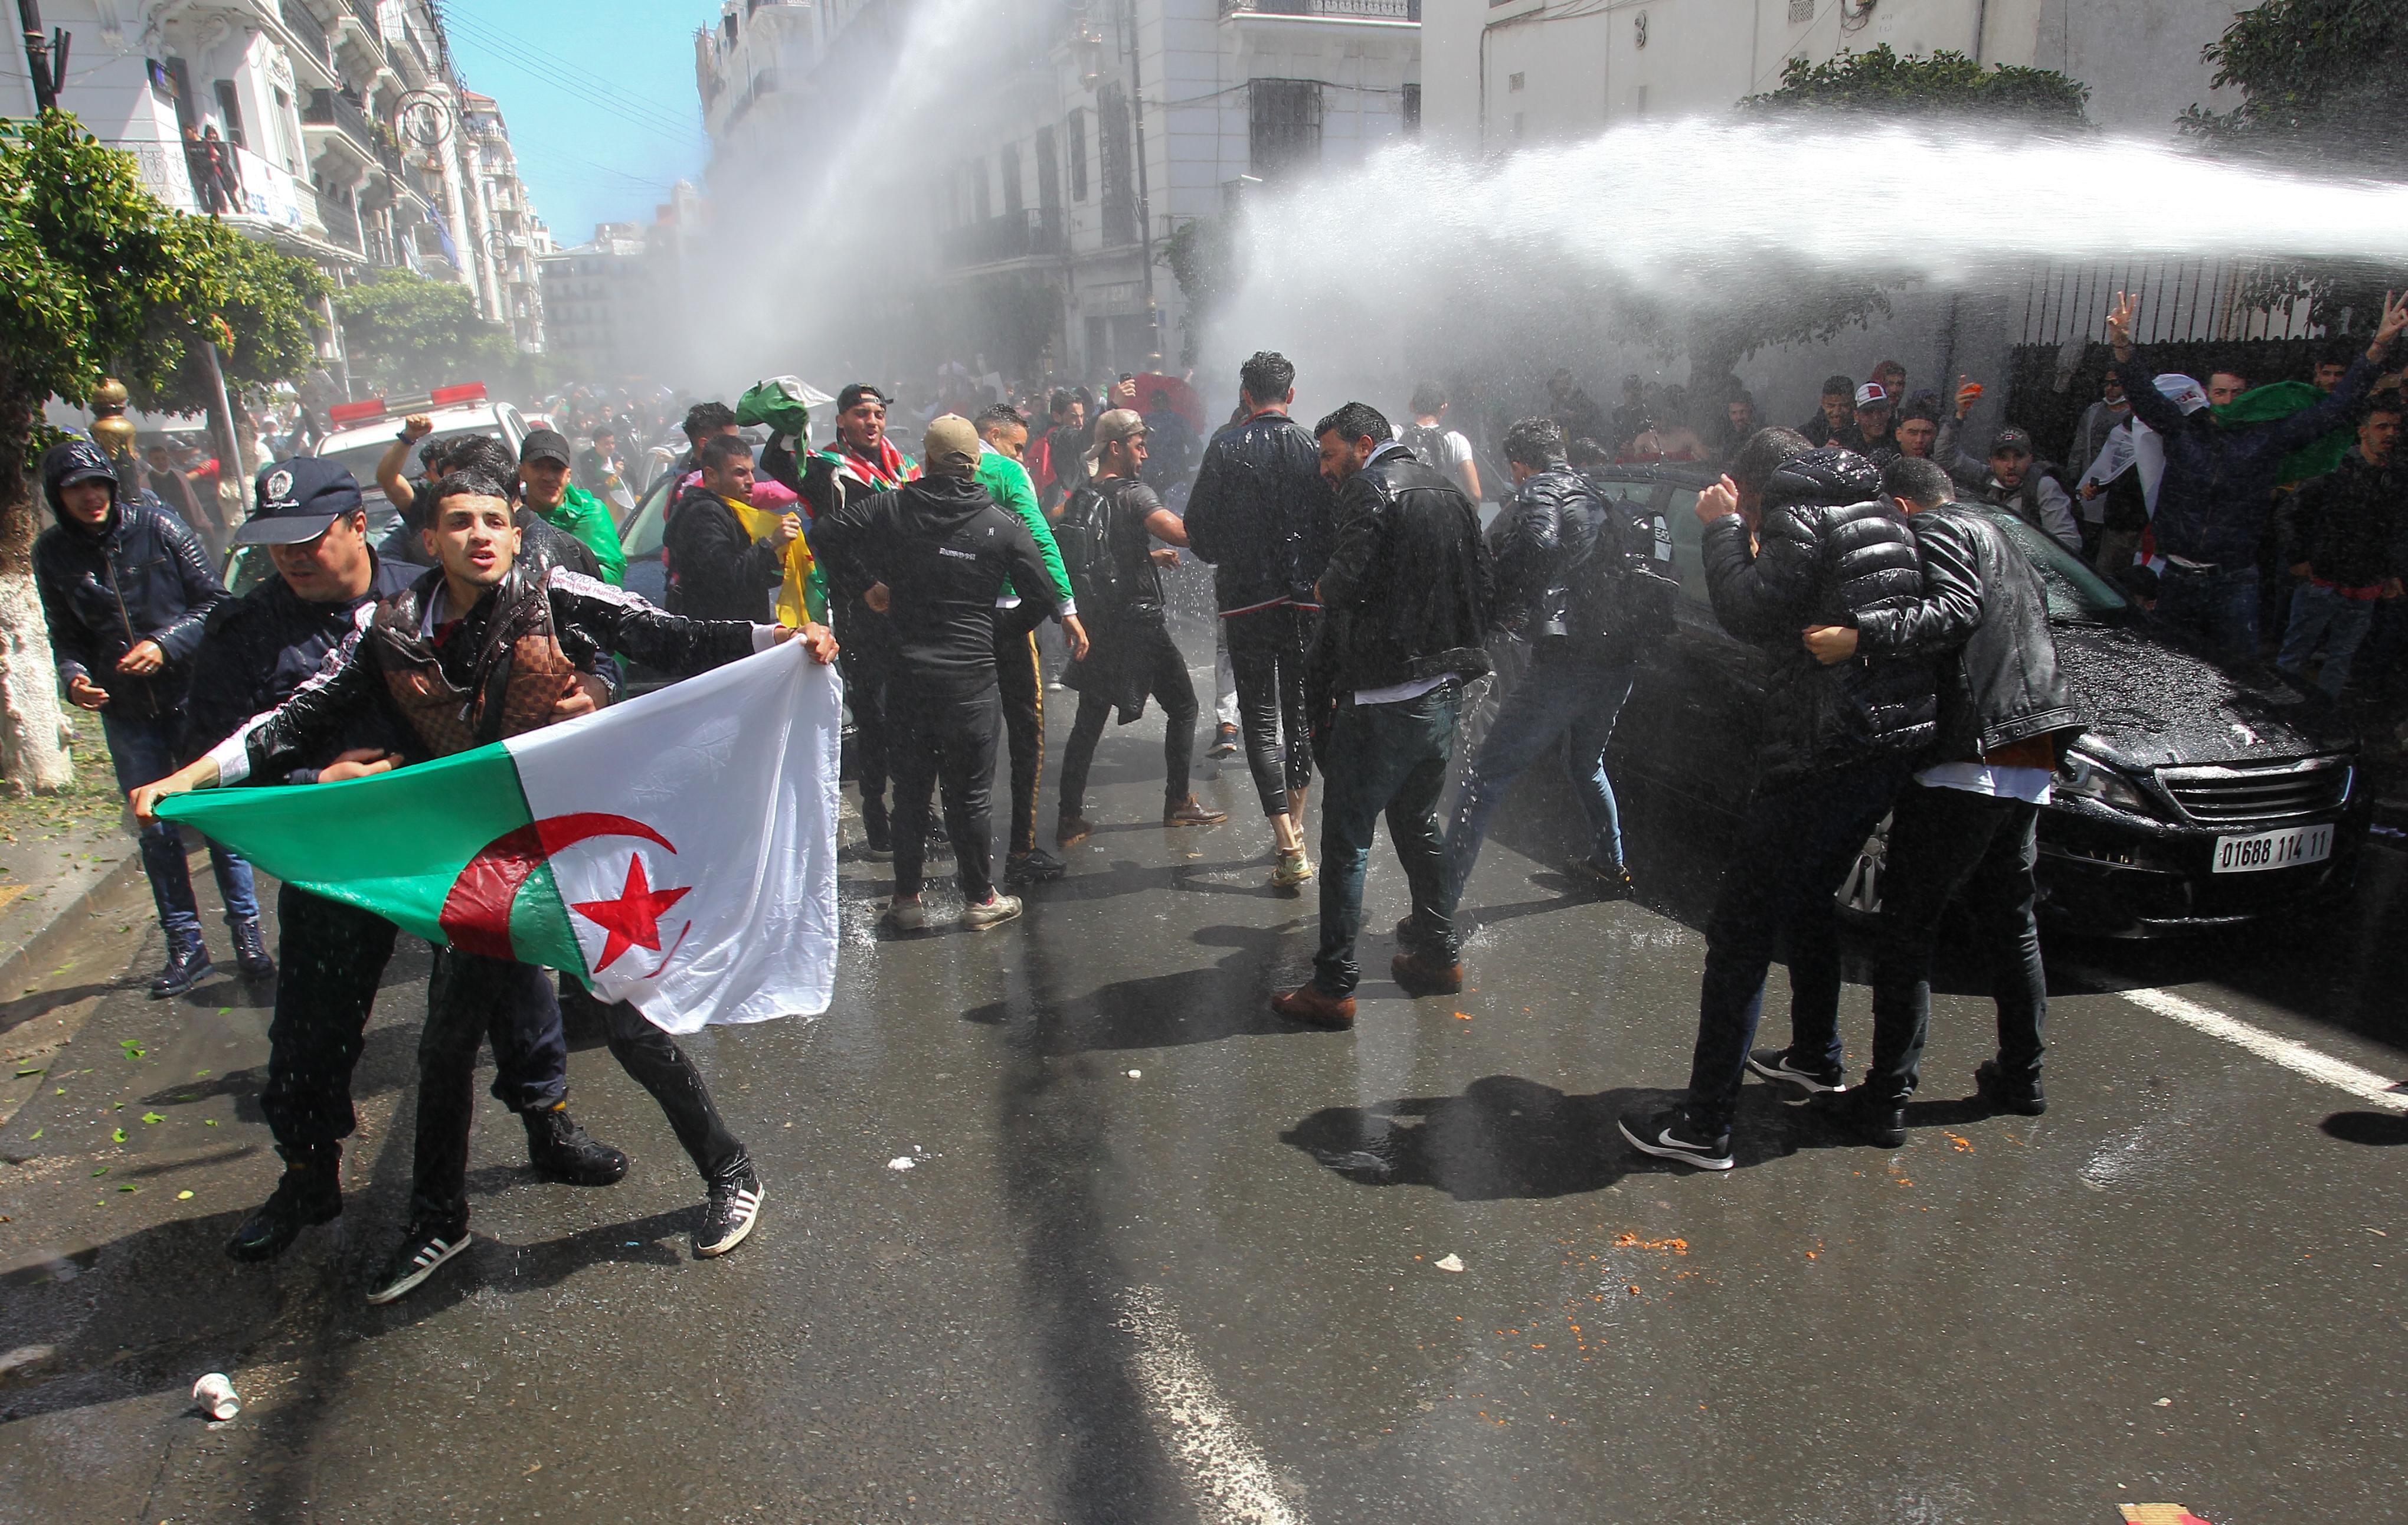 قوات الأمن الجزائرية تواجه المحتجين على الحكومة بالماء والغاز المسيل للدموع